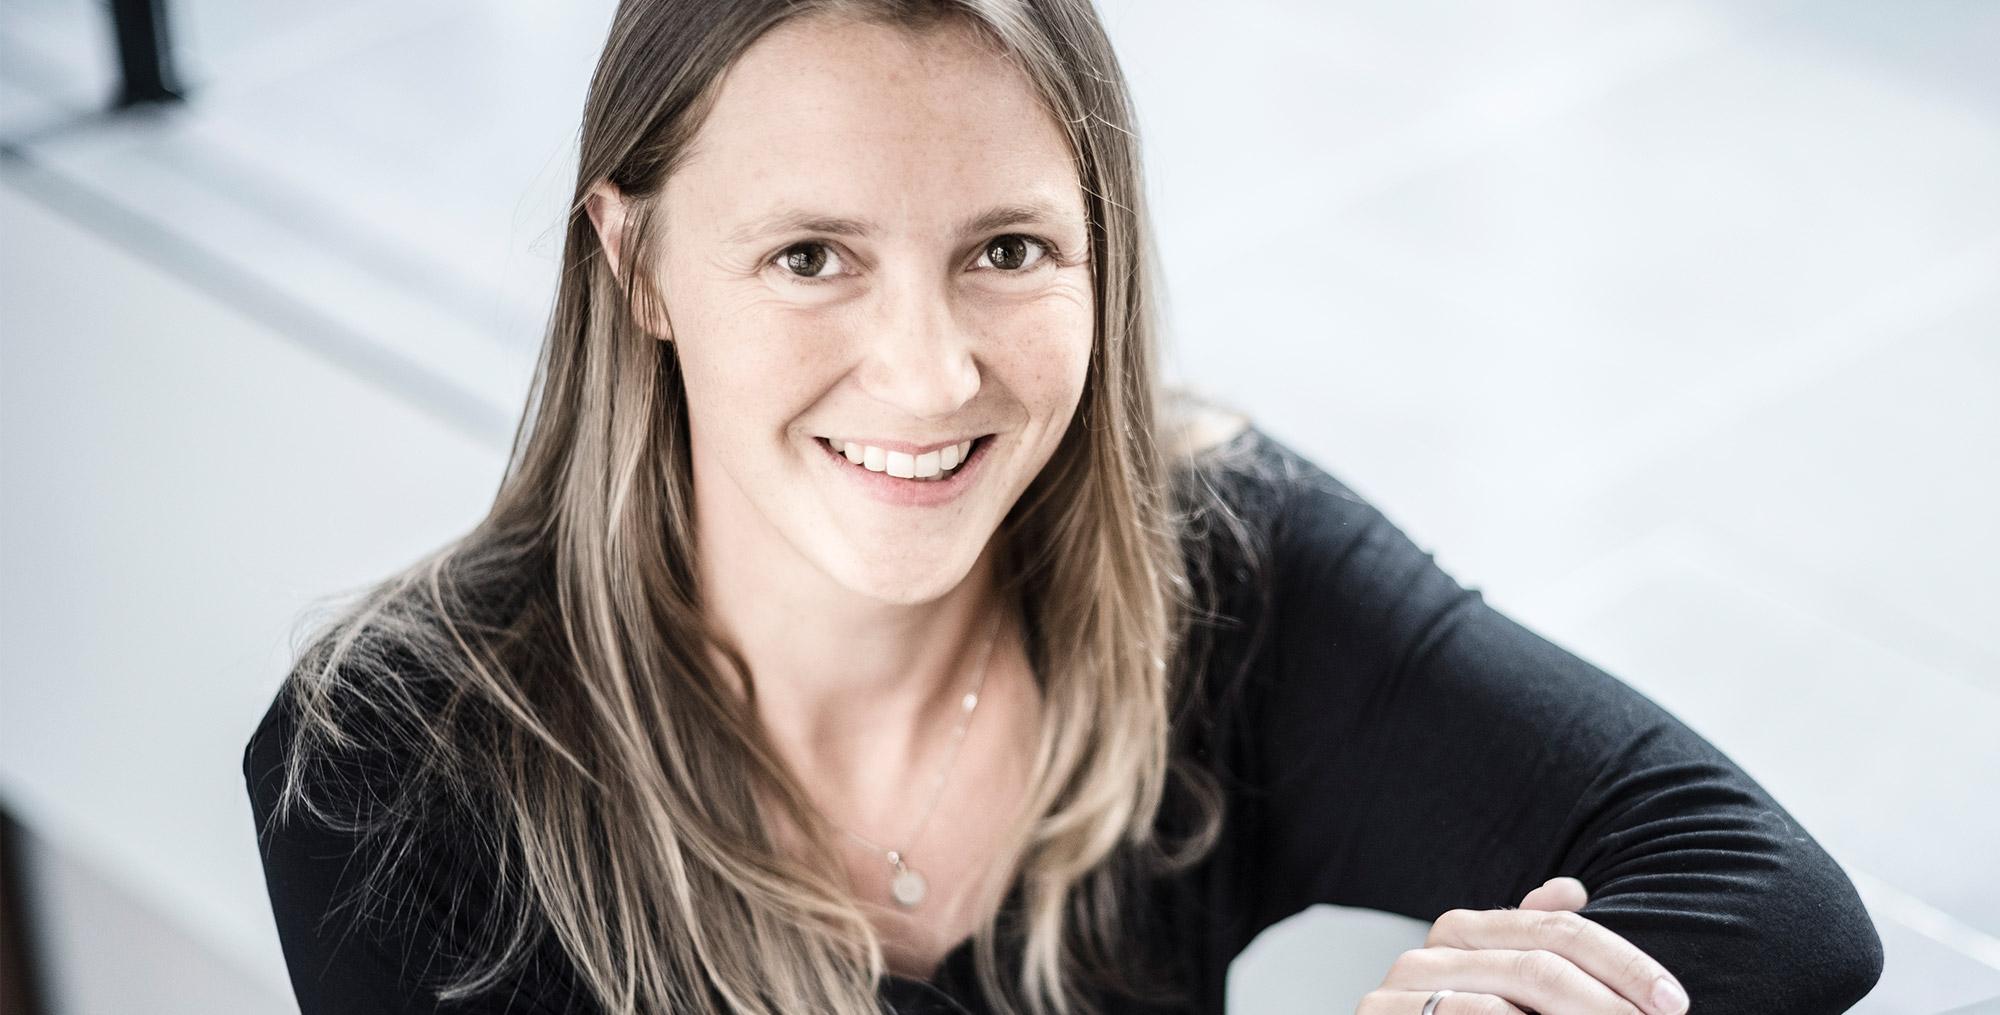 Gina Kühne von der Rechtsanwaltskanzlei BÖRGERS, Fachanwälte für Baurecht, Architektenrecht, Immobilienrecht, Vergaberecht, Grundstücksrecht und Mietrecht - Berlin, Hamburg, Stuttgart